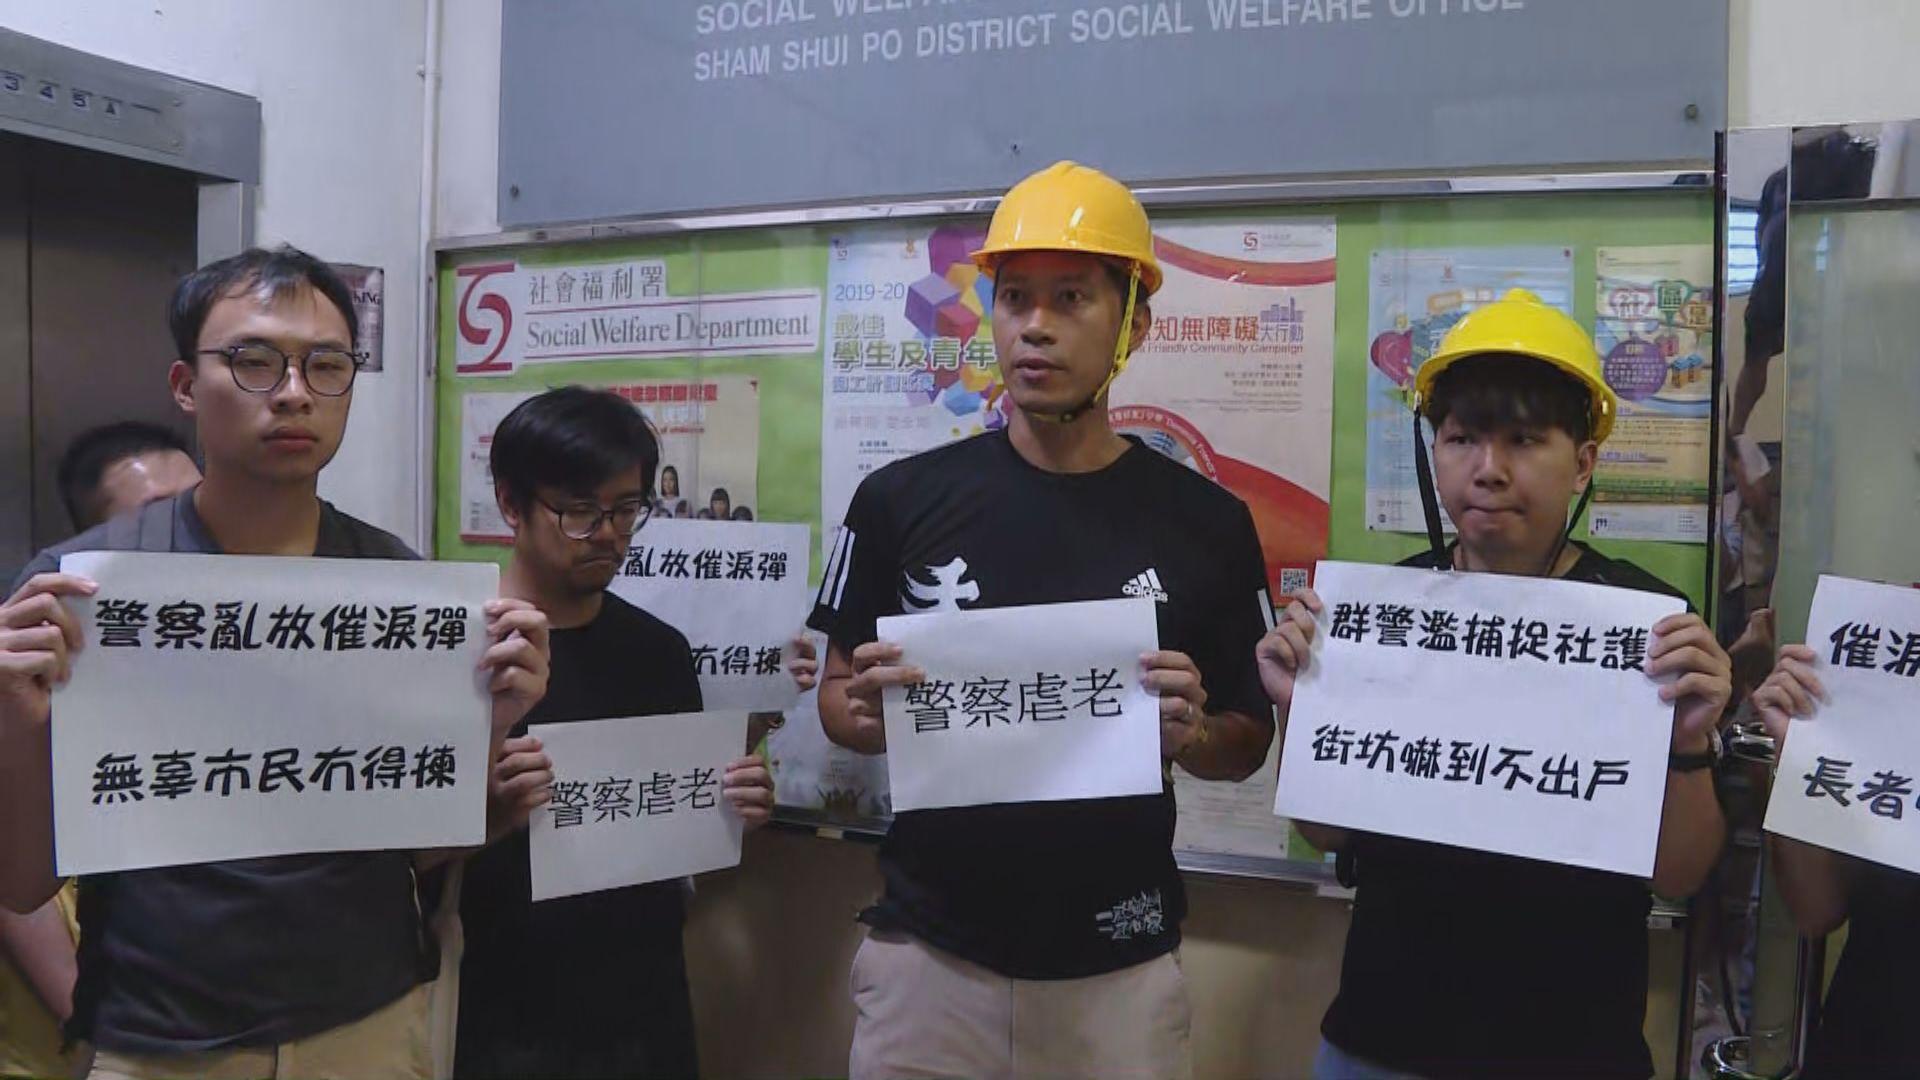 社福組織指11名社工在示威區被捕